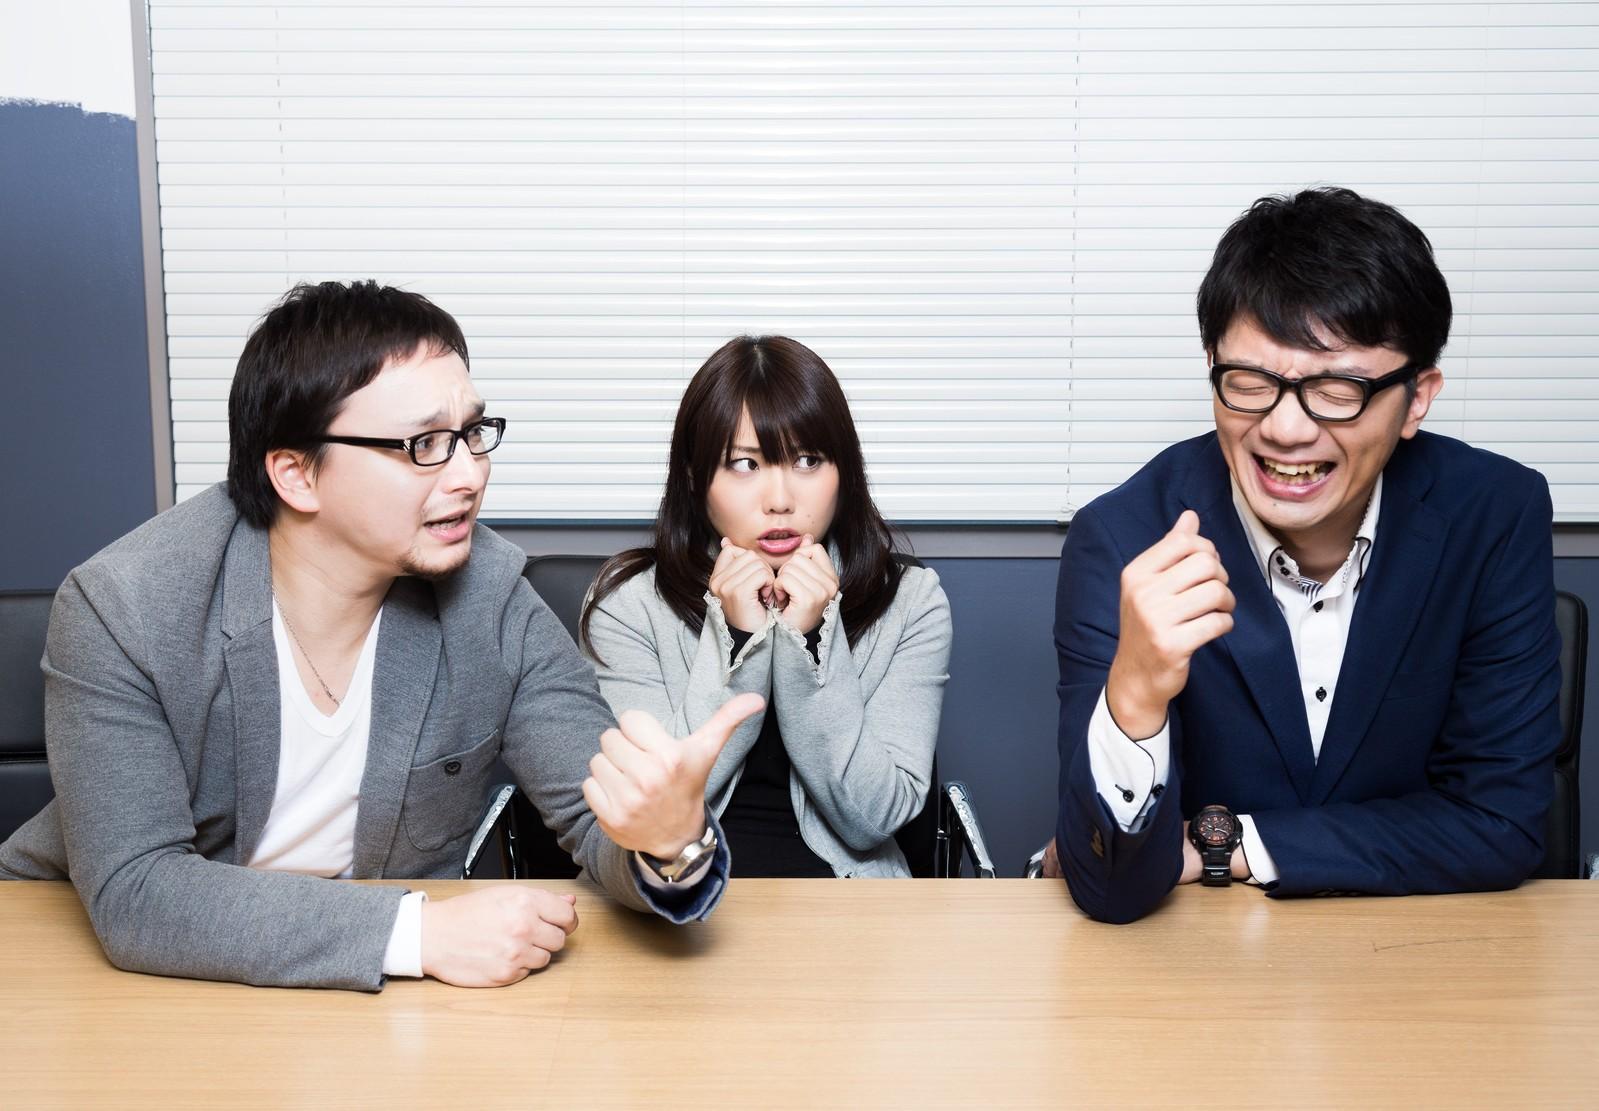 コミュニケーション能力は磨ける!グループワーク型セミナー